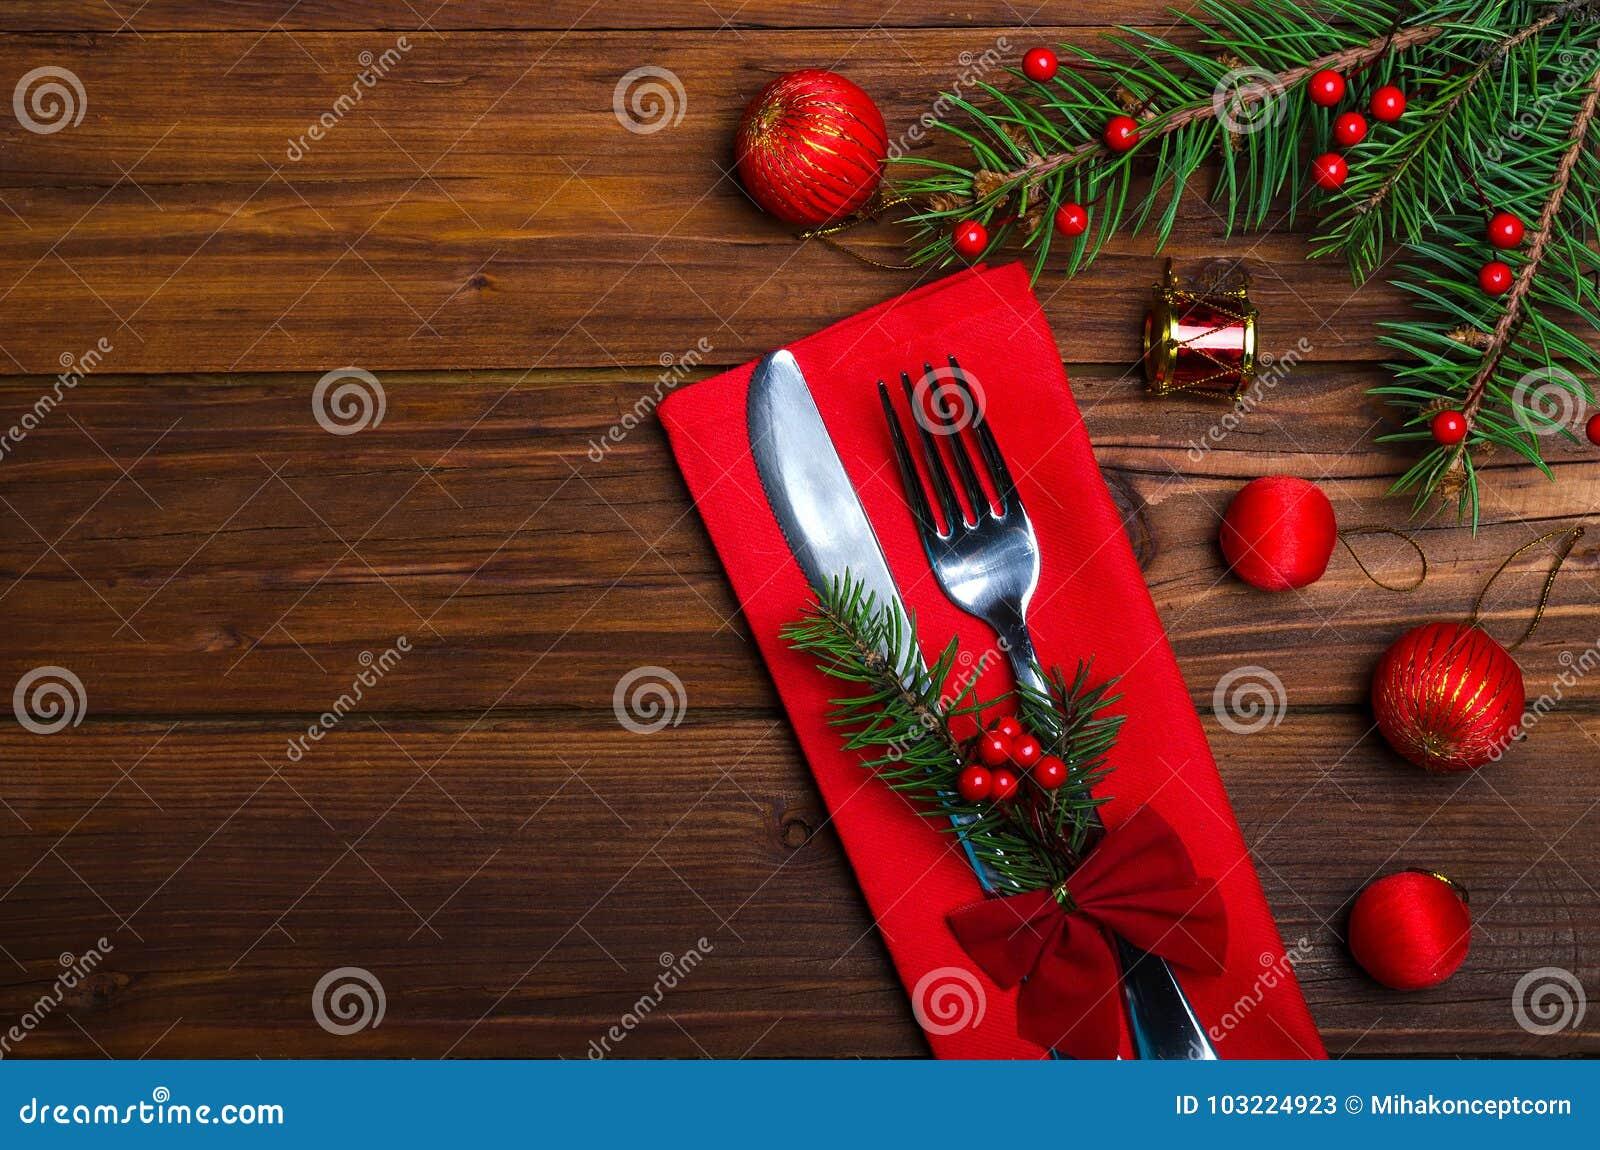 Table de Noël : couteau et fourchette, serviette et branc d arbre de Noël